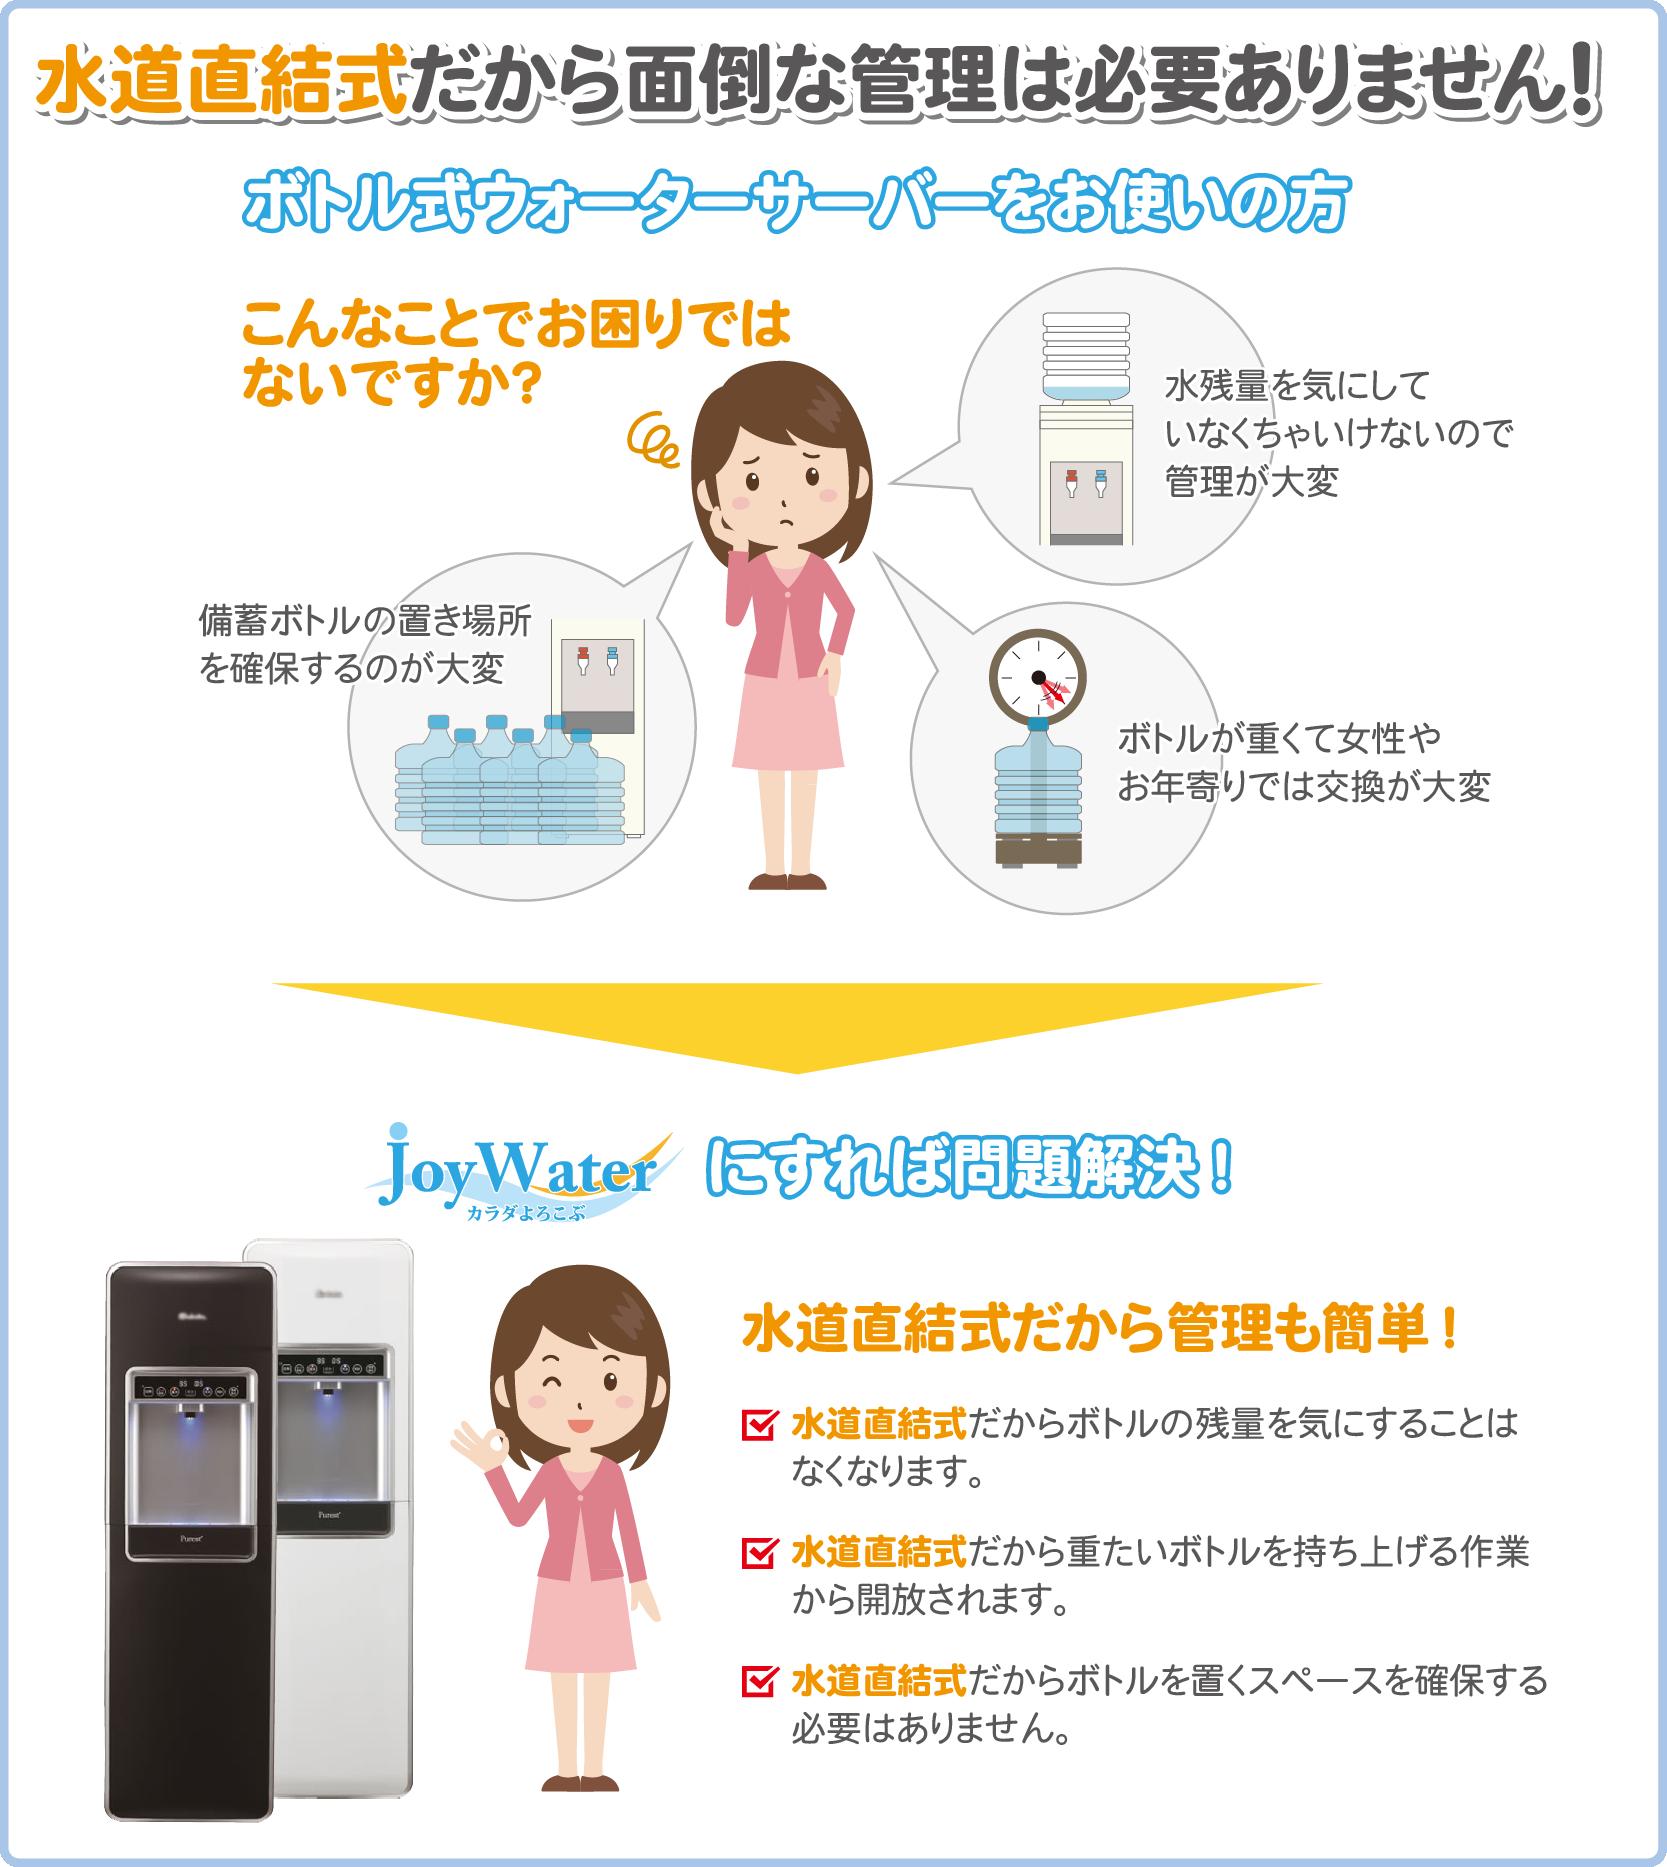 水道直結式だから面倒な管理は必要ありません!ボトル式ウォーターサーバーをお使いの方。こんなことでお困りではないですか?水残量を気にしていなくちゃいけないので管理が大変。備蓄ボトルの置き場所を確保するのが大変。ボトルが重くて女性やお年寄りでは交換が大変。JoyWaterにすれば問題解決!水道直結式だから管理も簡単!水道直結式だからボトルの残量を気にすることはなくなります。水道直結式だから重たいボトルを持ち上げる作業から開放されます。水道直結式だからボトルを置くスペースを確保する必要はありません。